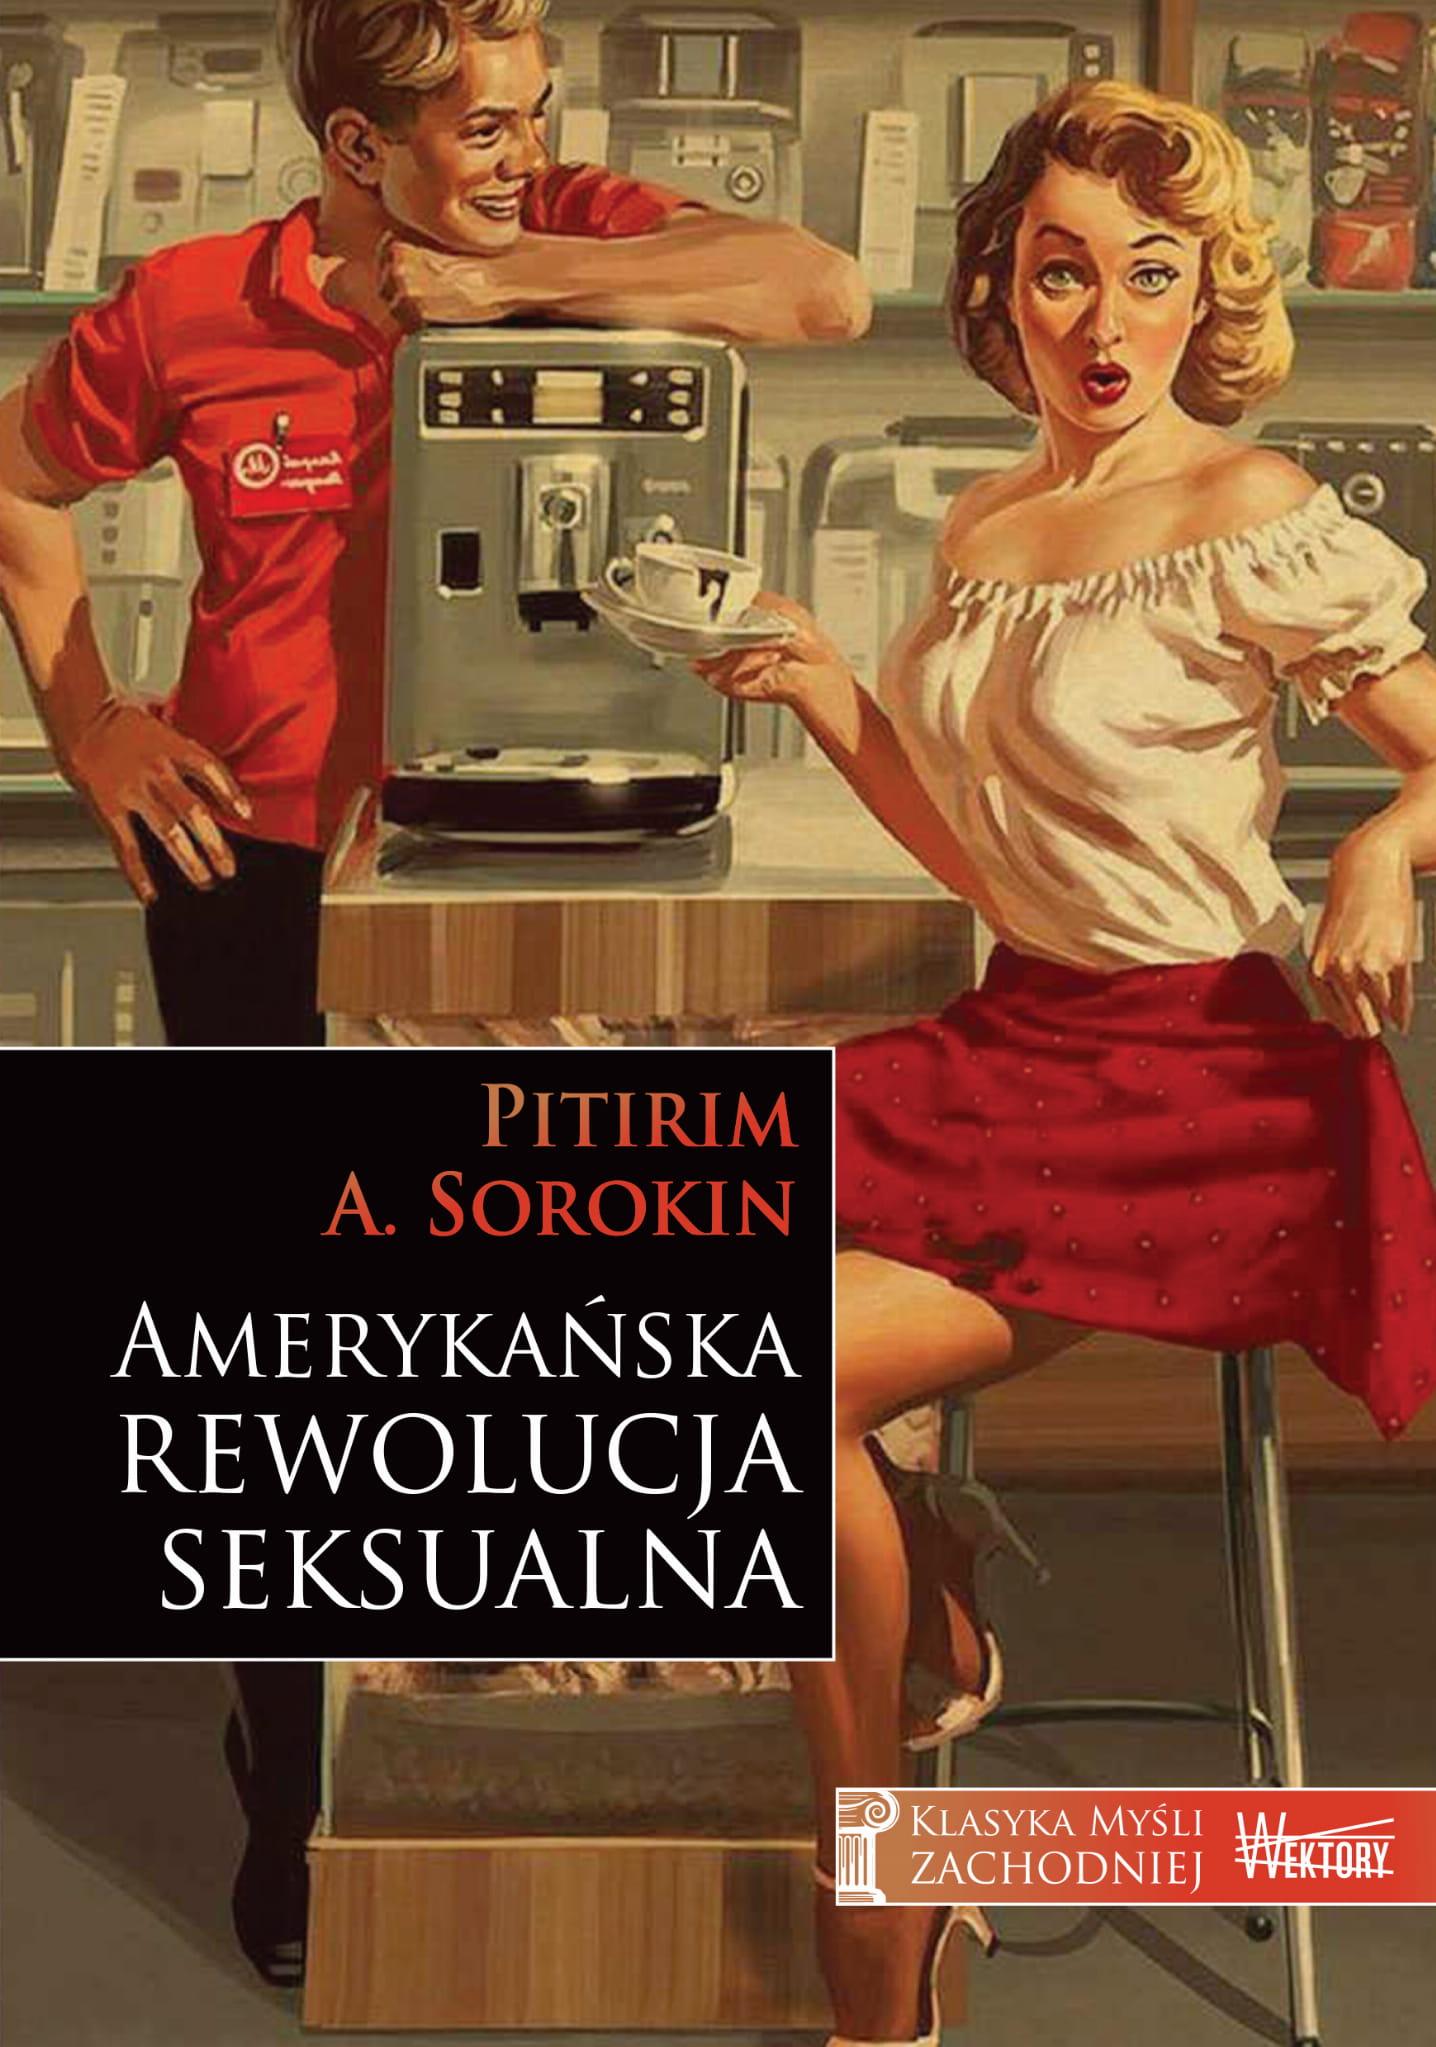 Amerykańska rewolucja seksualna – Pitirim A. Sorokin